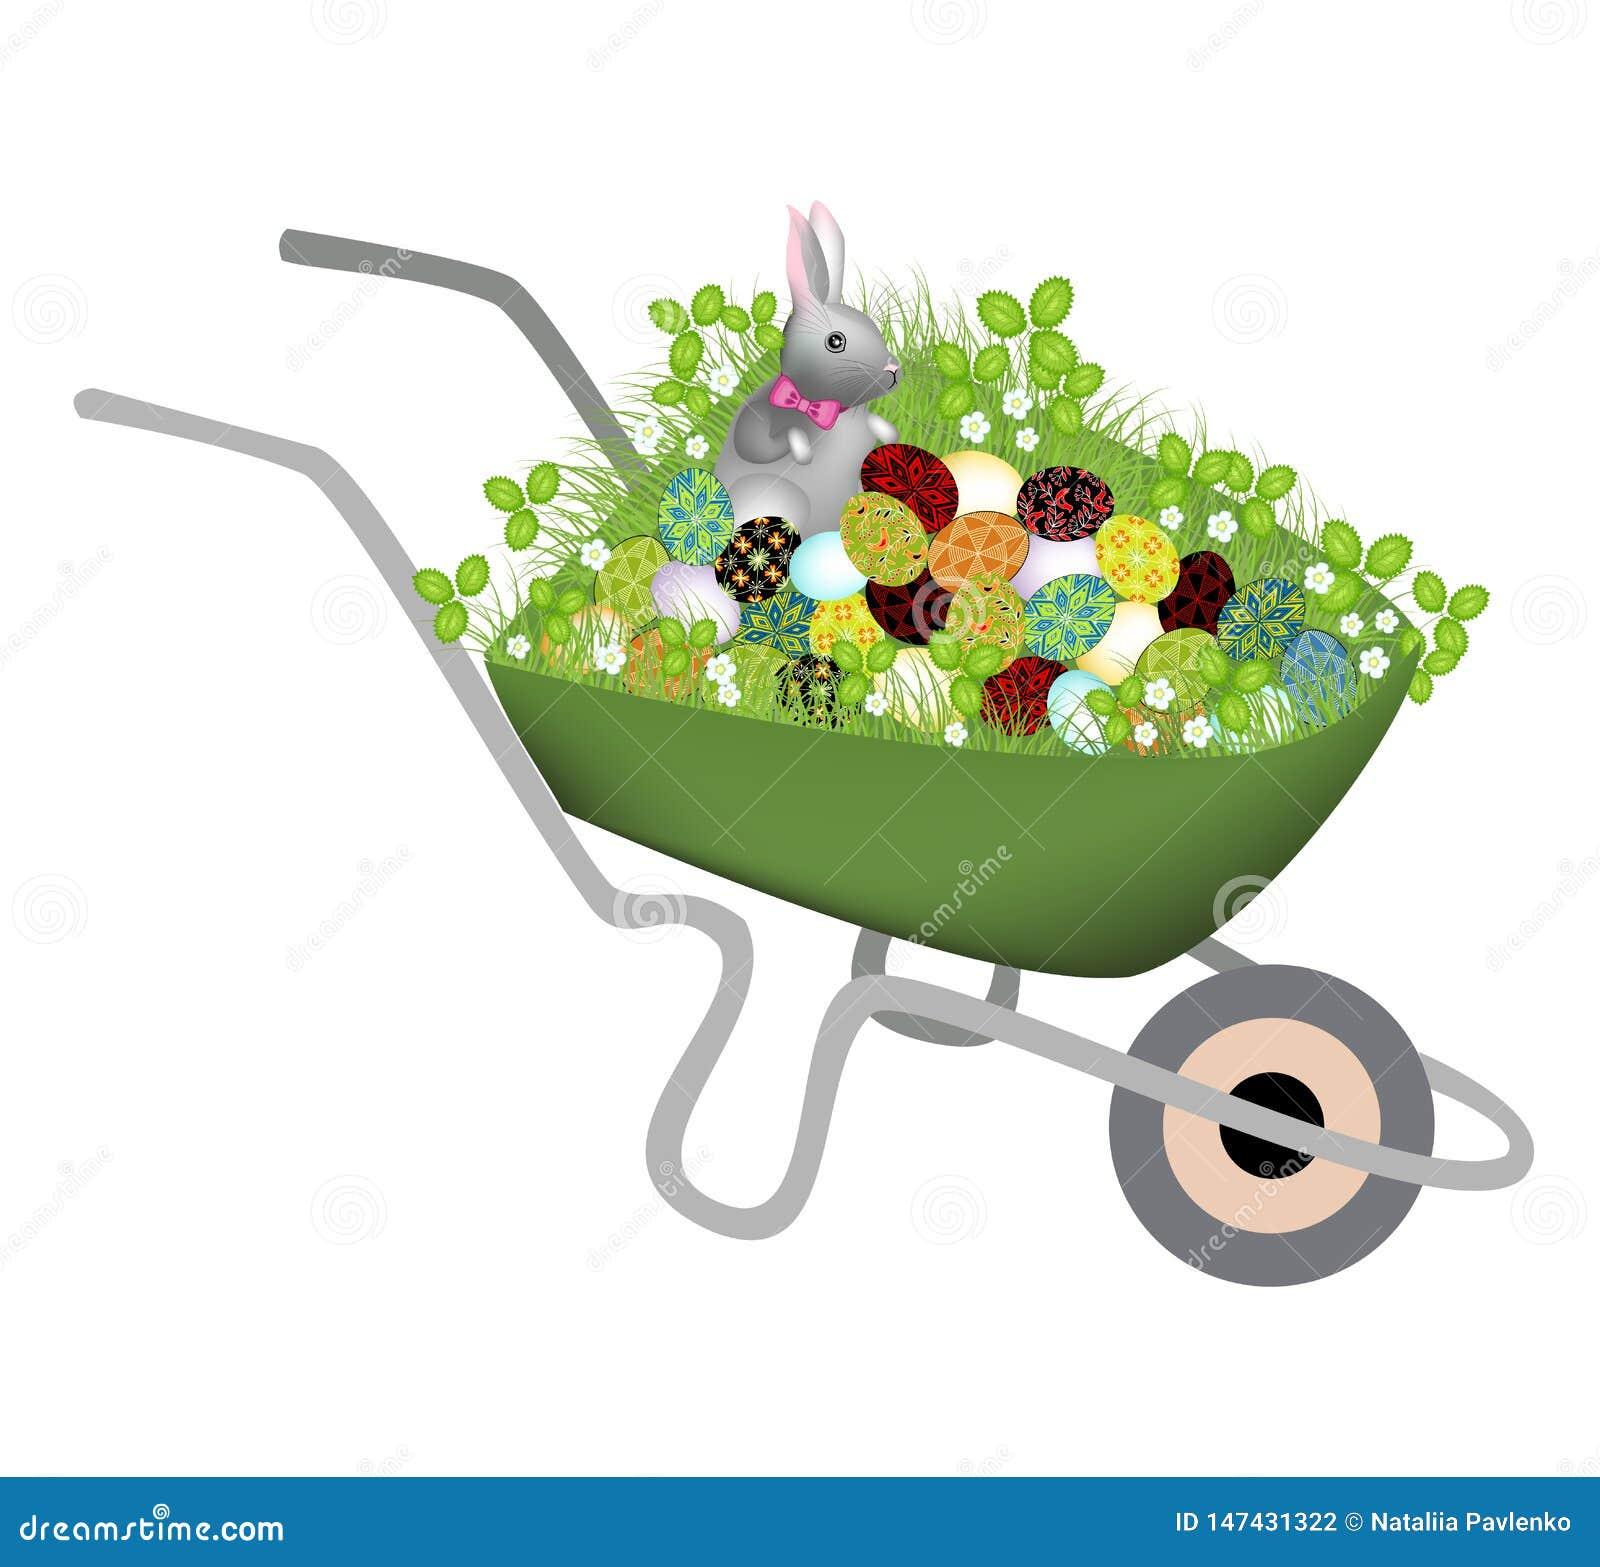 Wheelbarrow z wiosny traw? Szarego szarego kr?lika maluj?cych Wielkanocnych jajek i Symbol wielkanoc w kulturze du?o